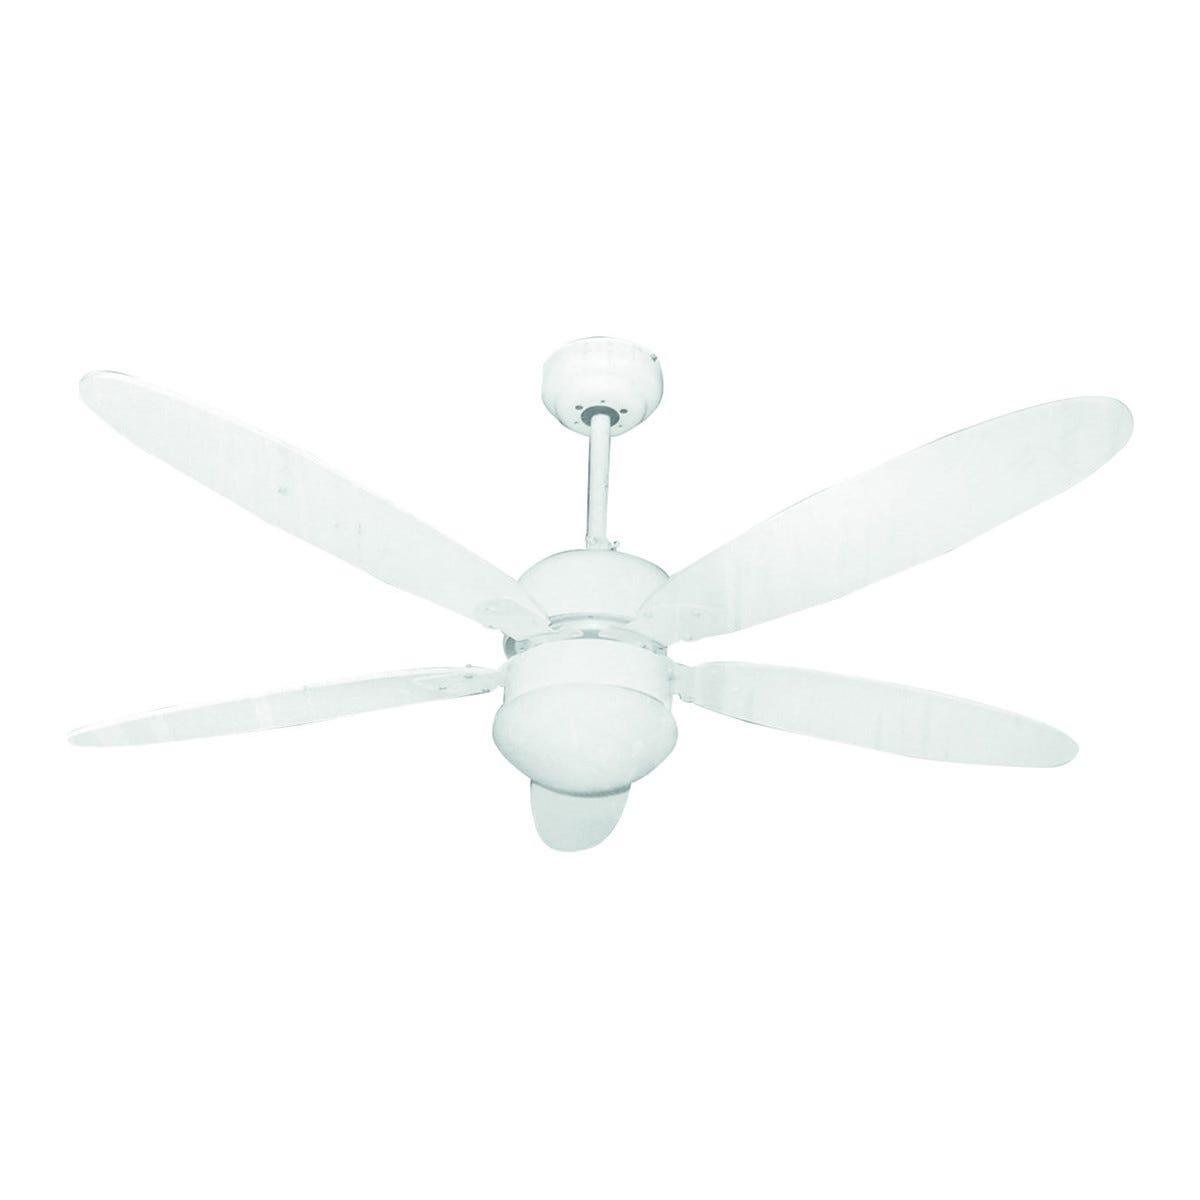 ventilatore da soffitto zephir Ø 130 cm 5 pale bianco con luce e telcomando